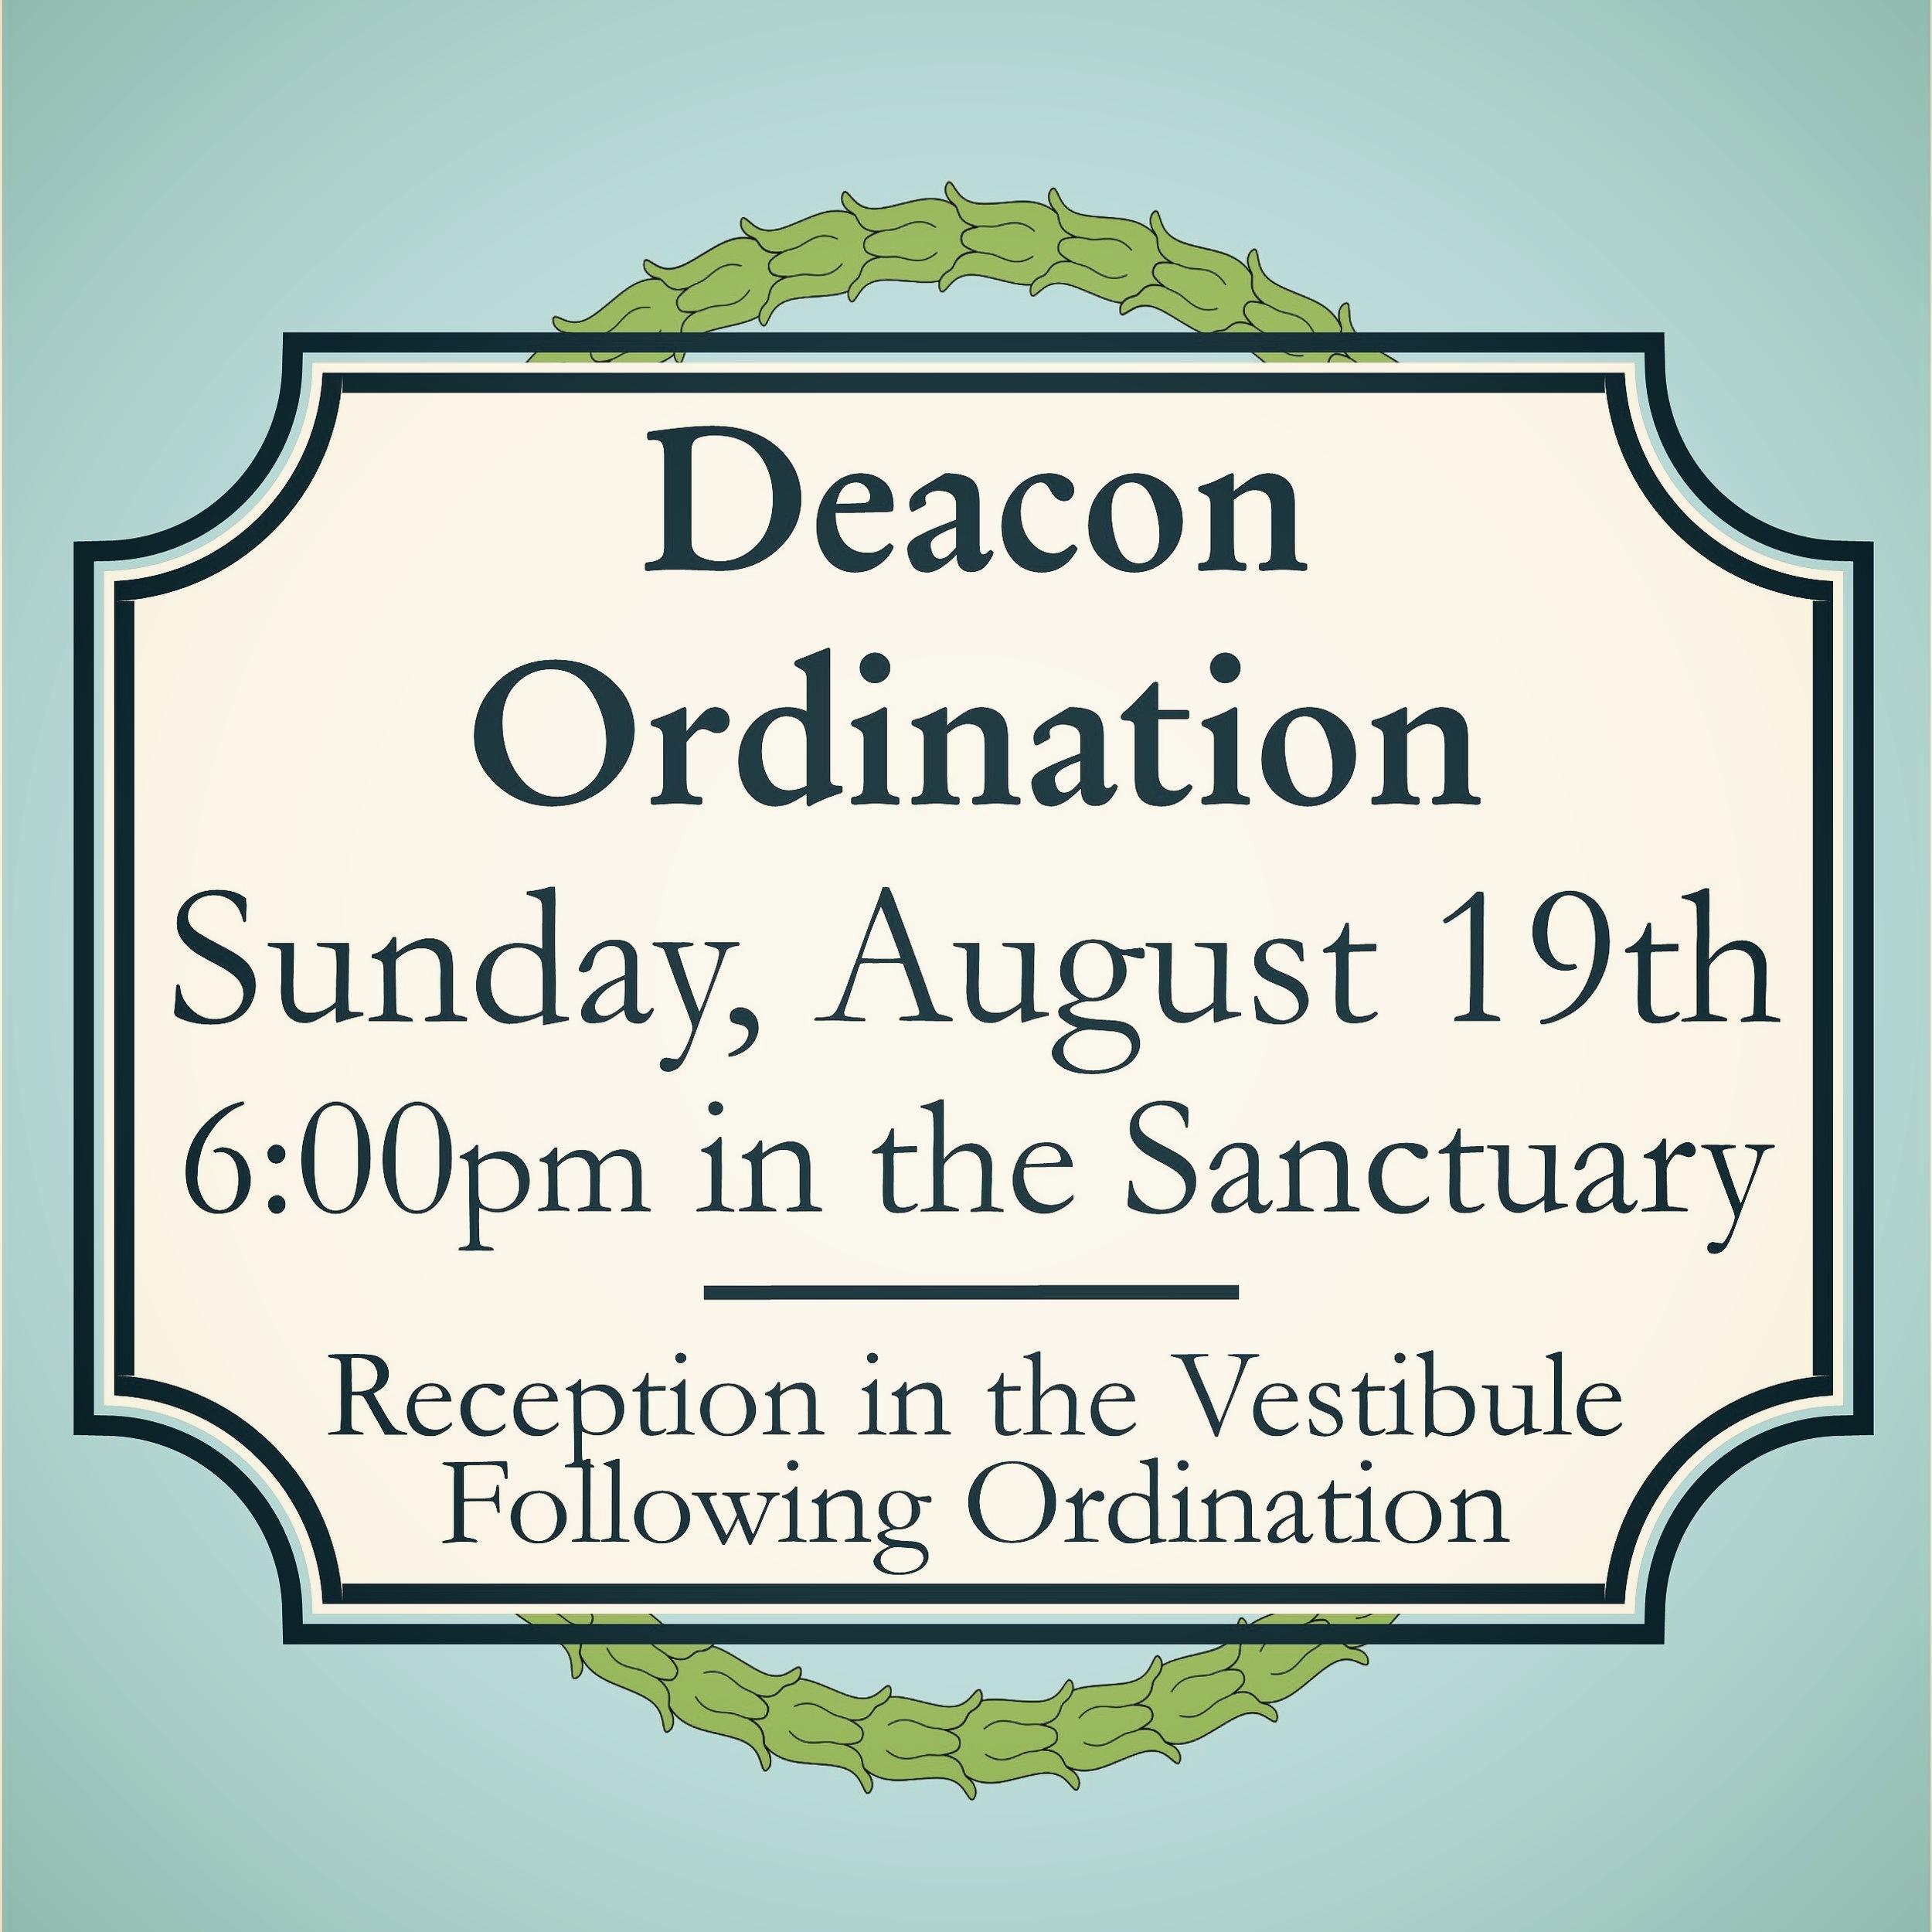 deacon ord 081918.jpg